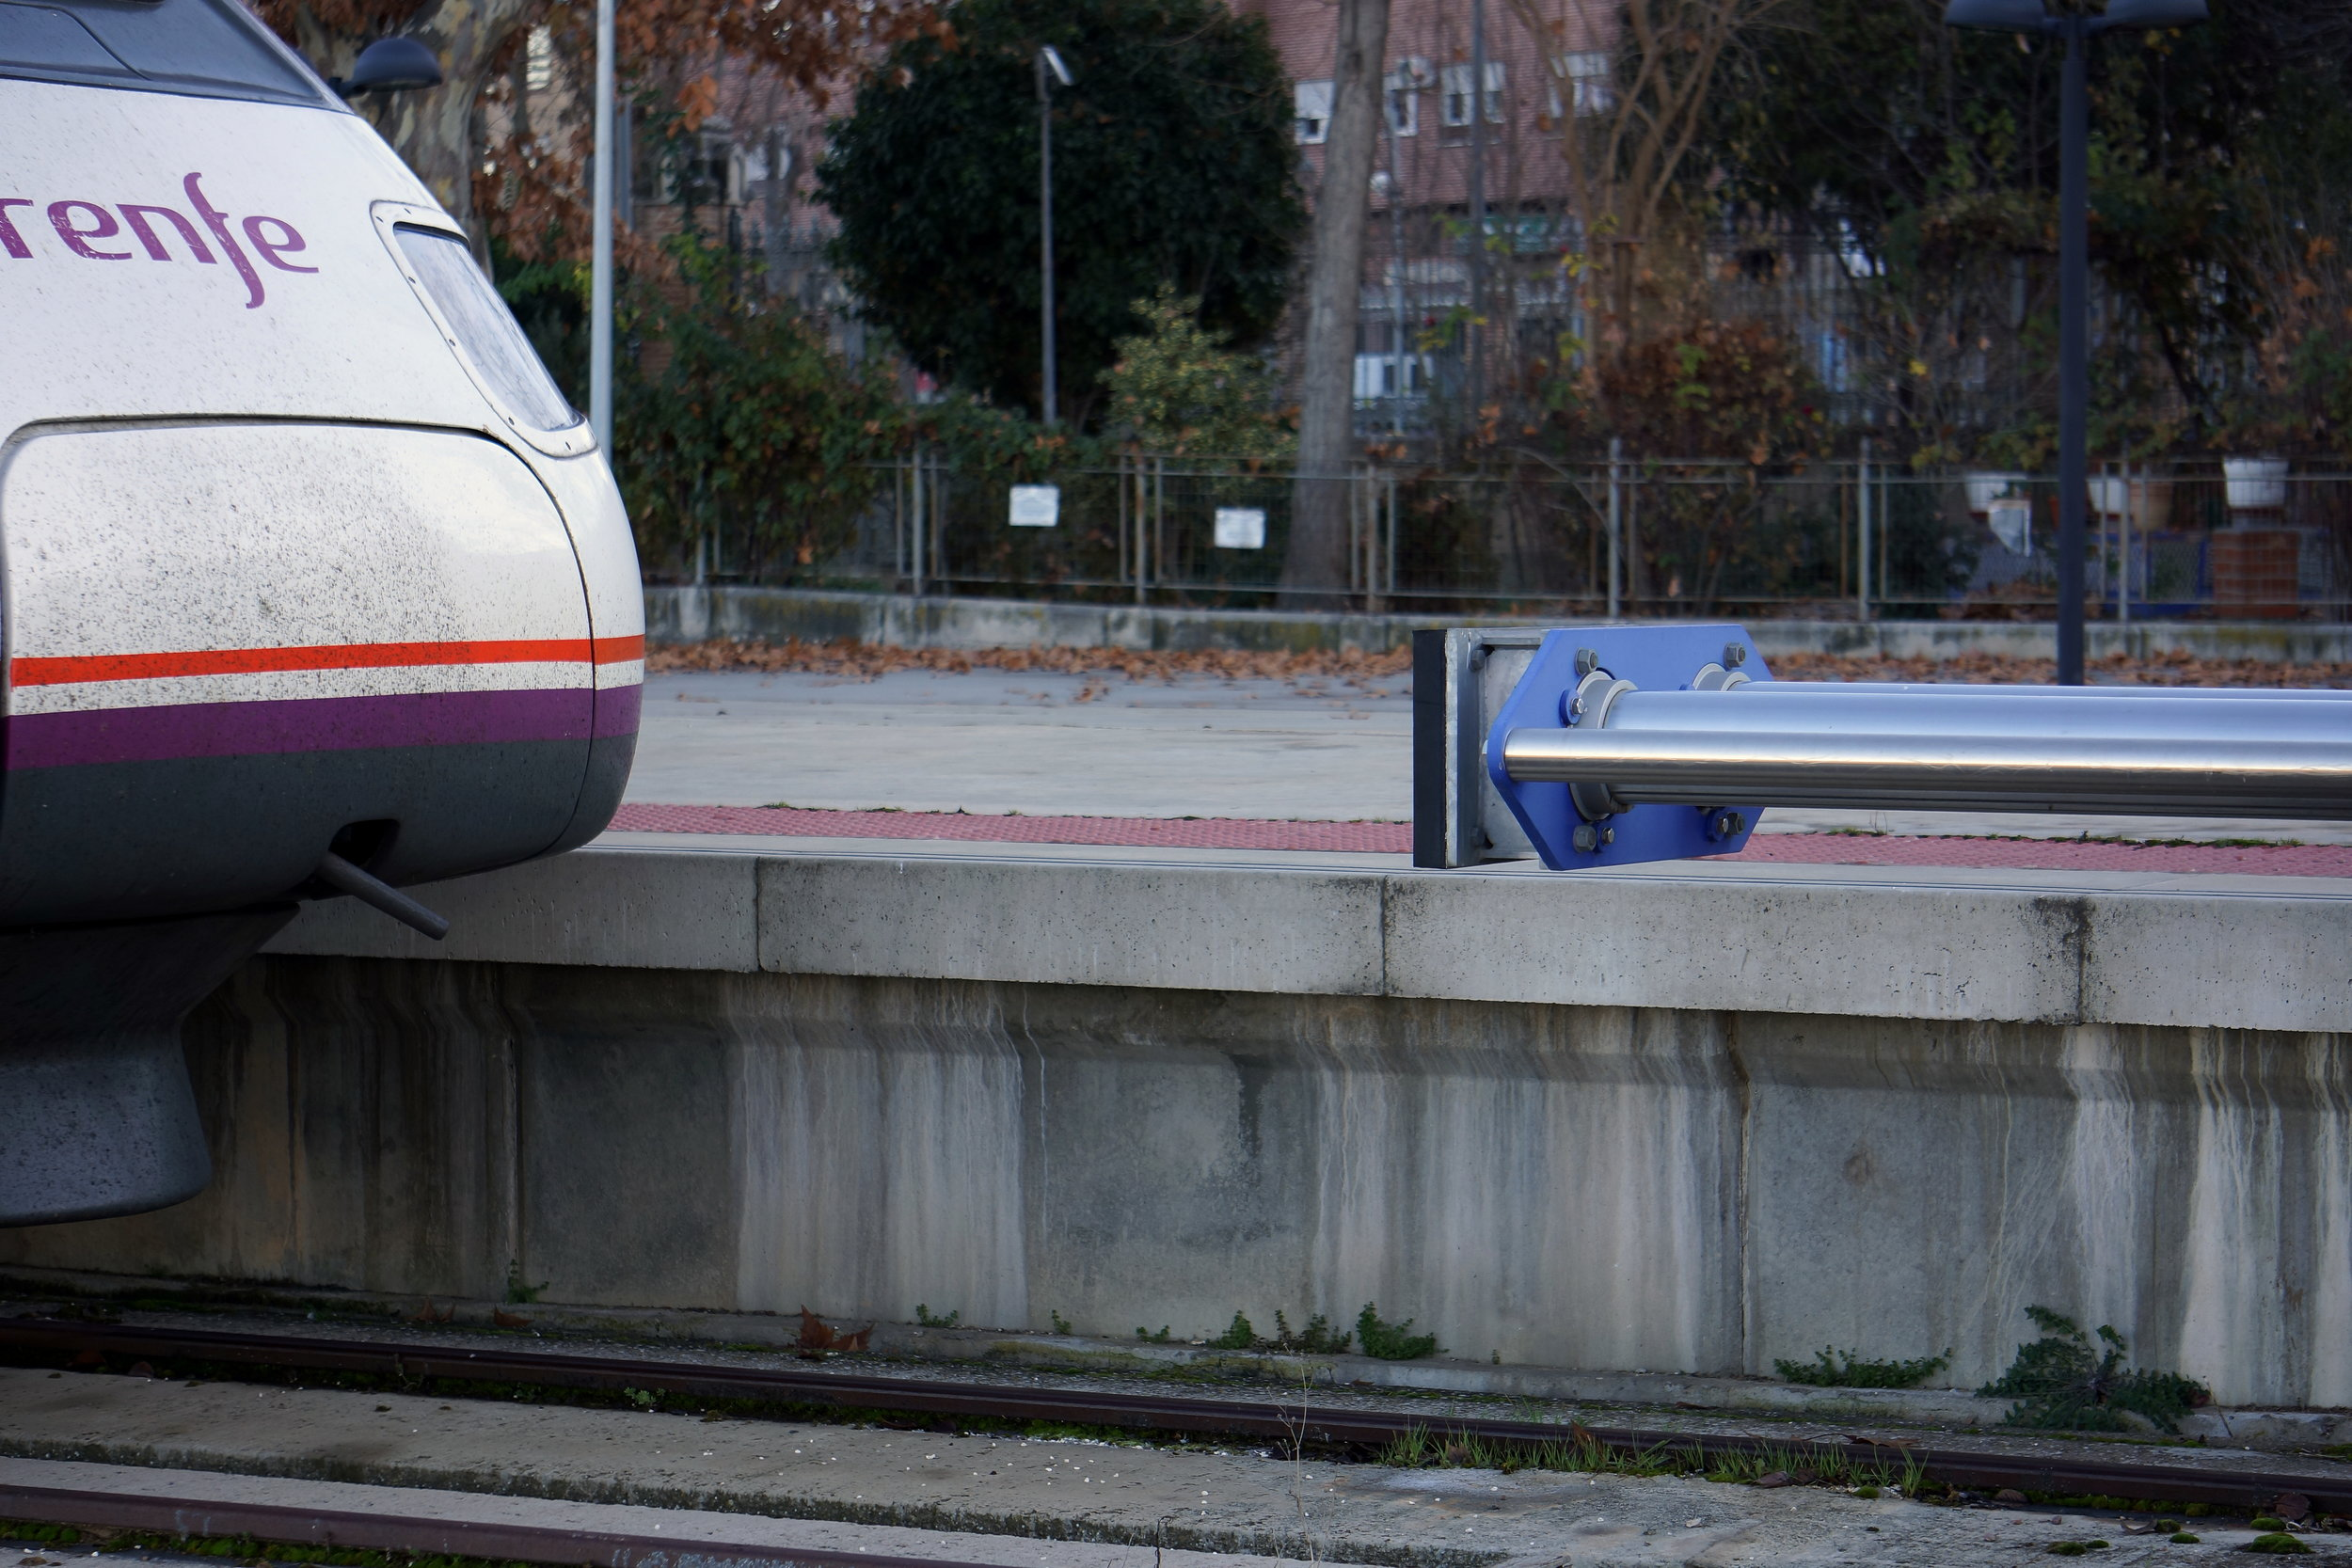 Estación de Ave, Toledo, Spain